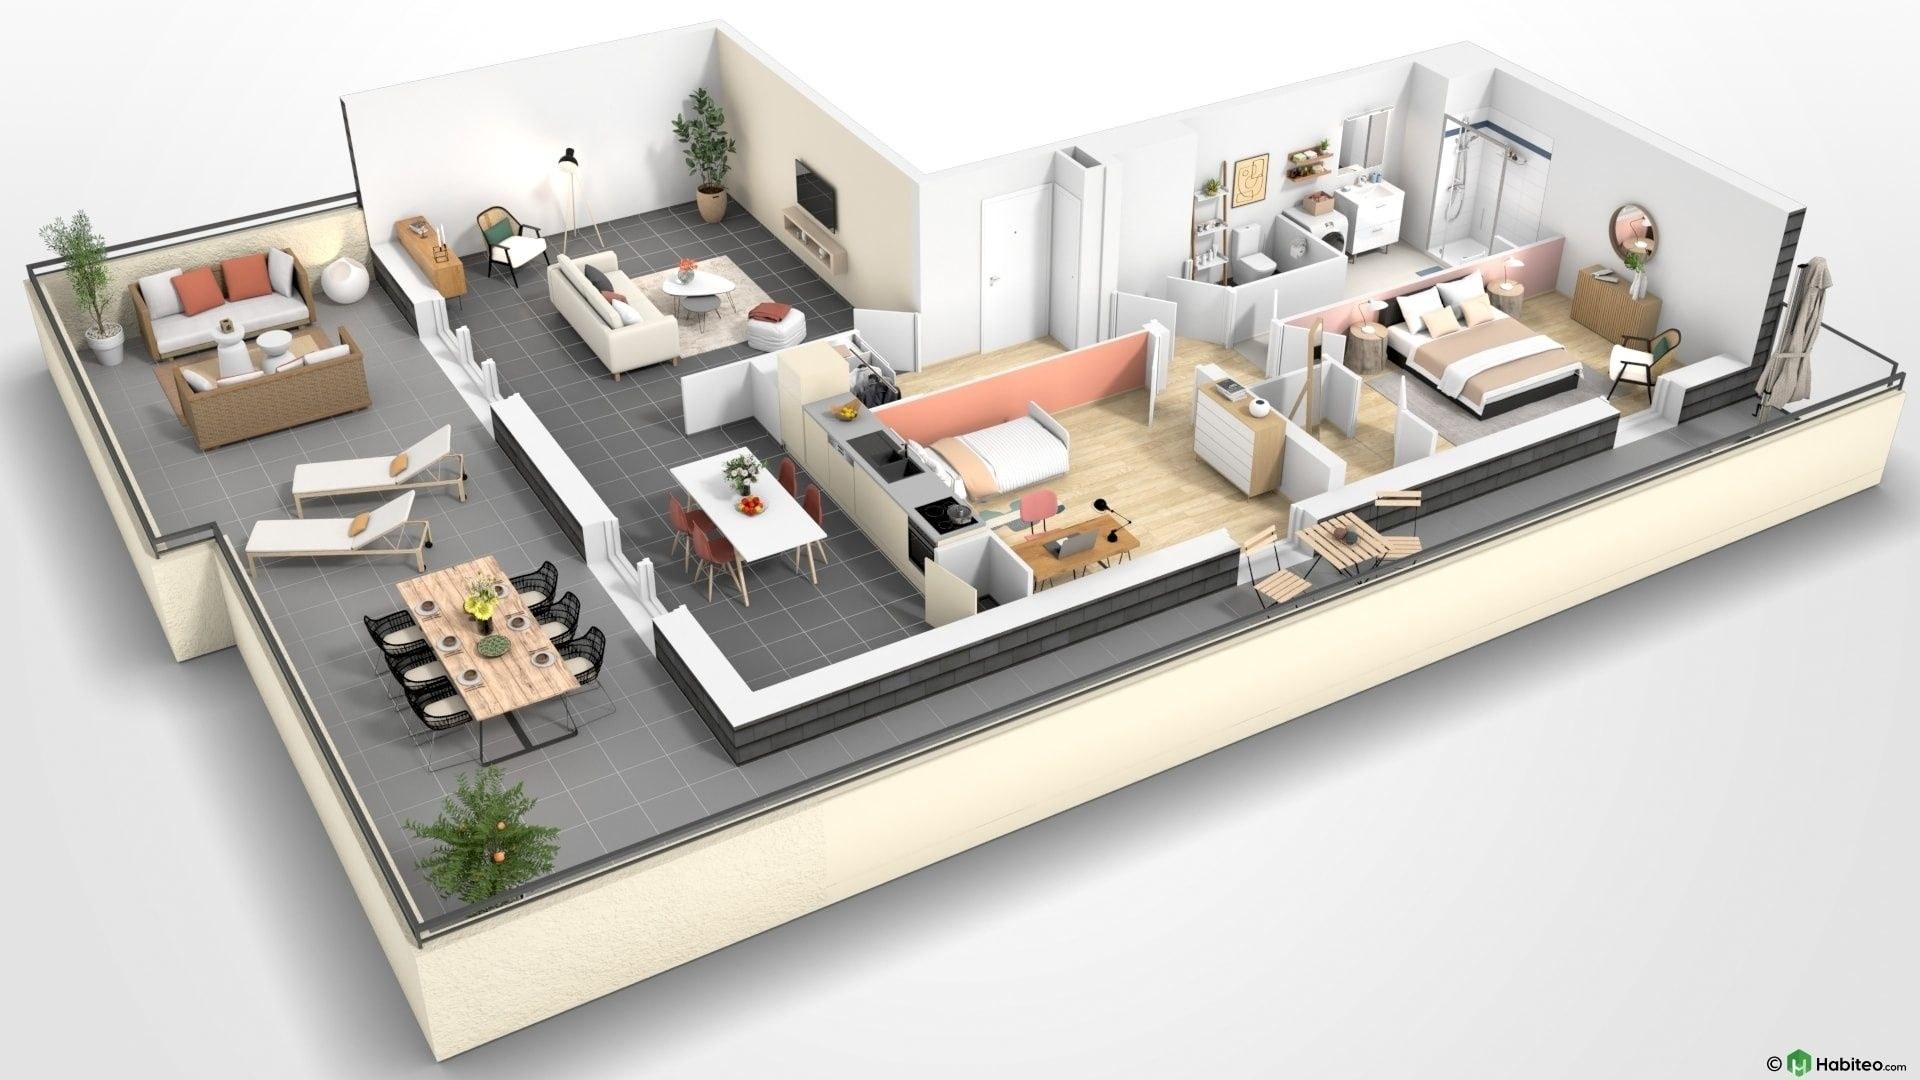 Beauvais Oise 60 Résidence Le Franc Marché centre-ville appartement neuf VEFA plan habiter investir investissement locatif loi défiscalisation Pinel réduction impôts F303